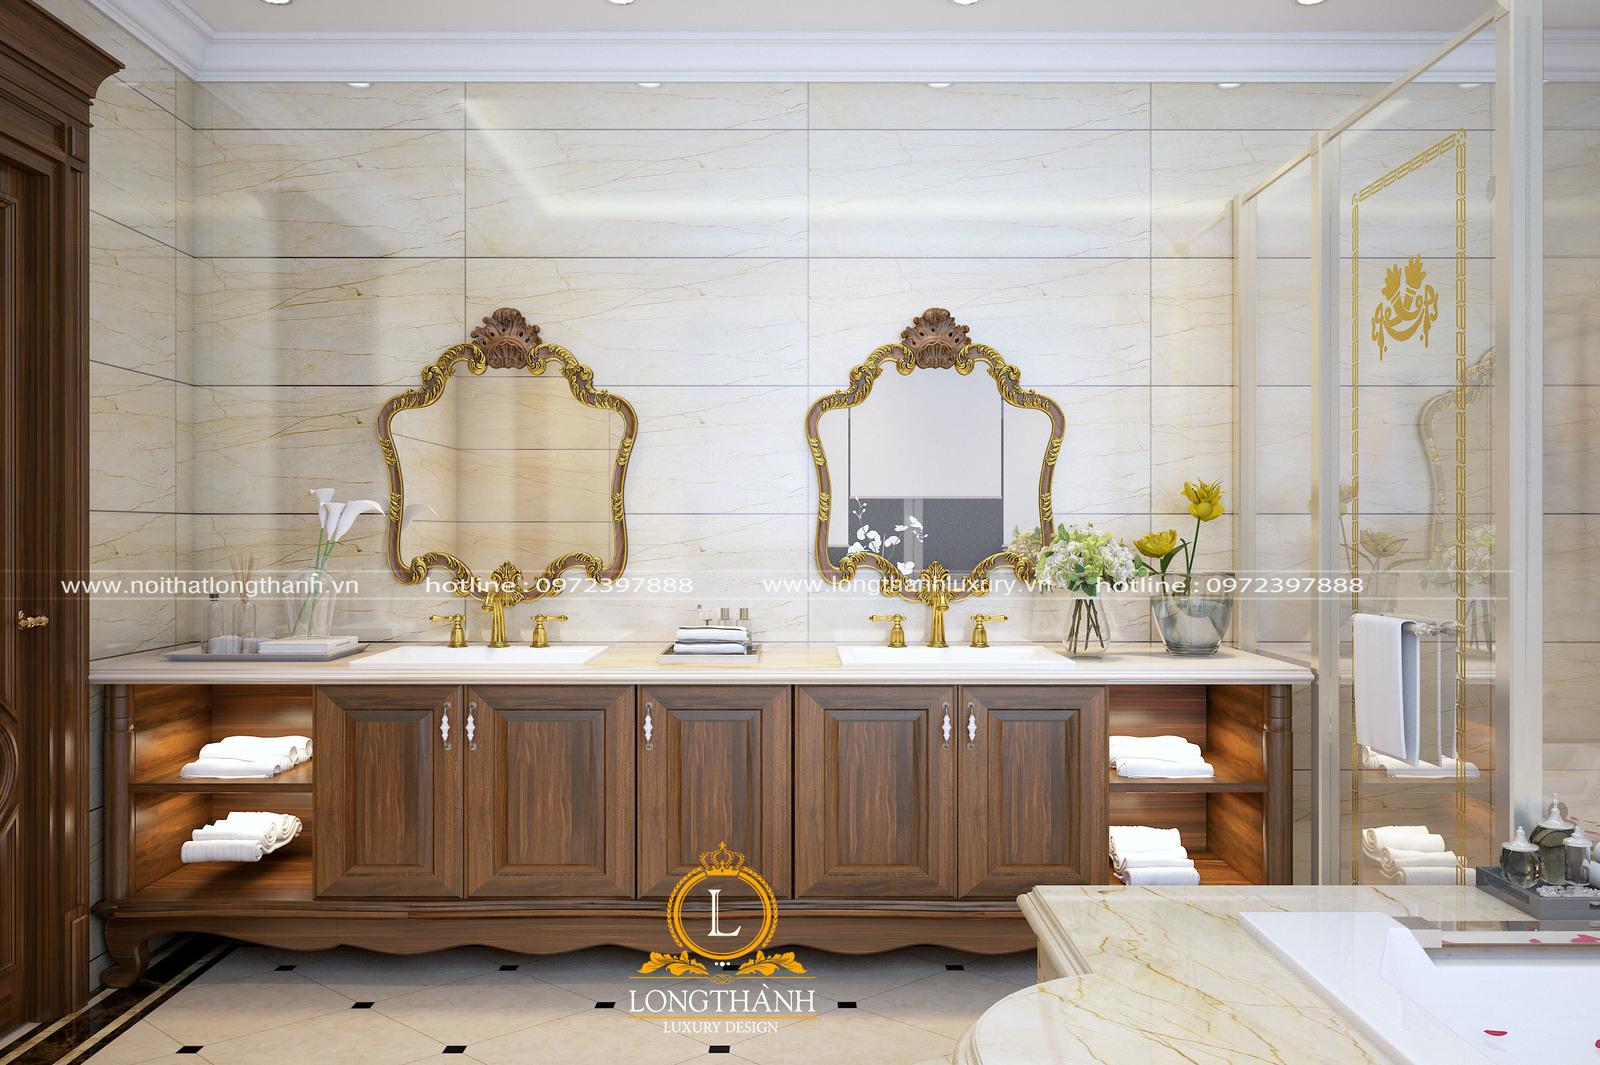 Gương trang trí nội thất. Đặt sao vừa đẹp vừa chuẩn phong thủy